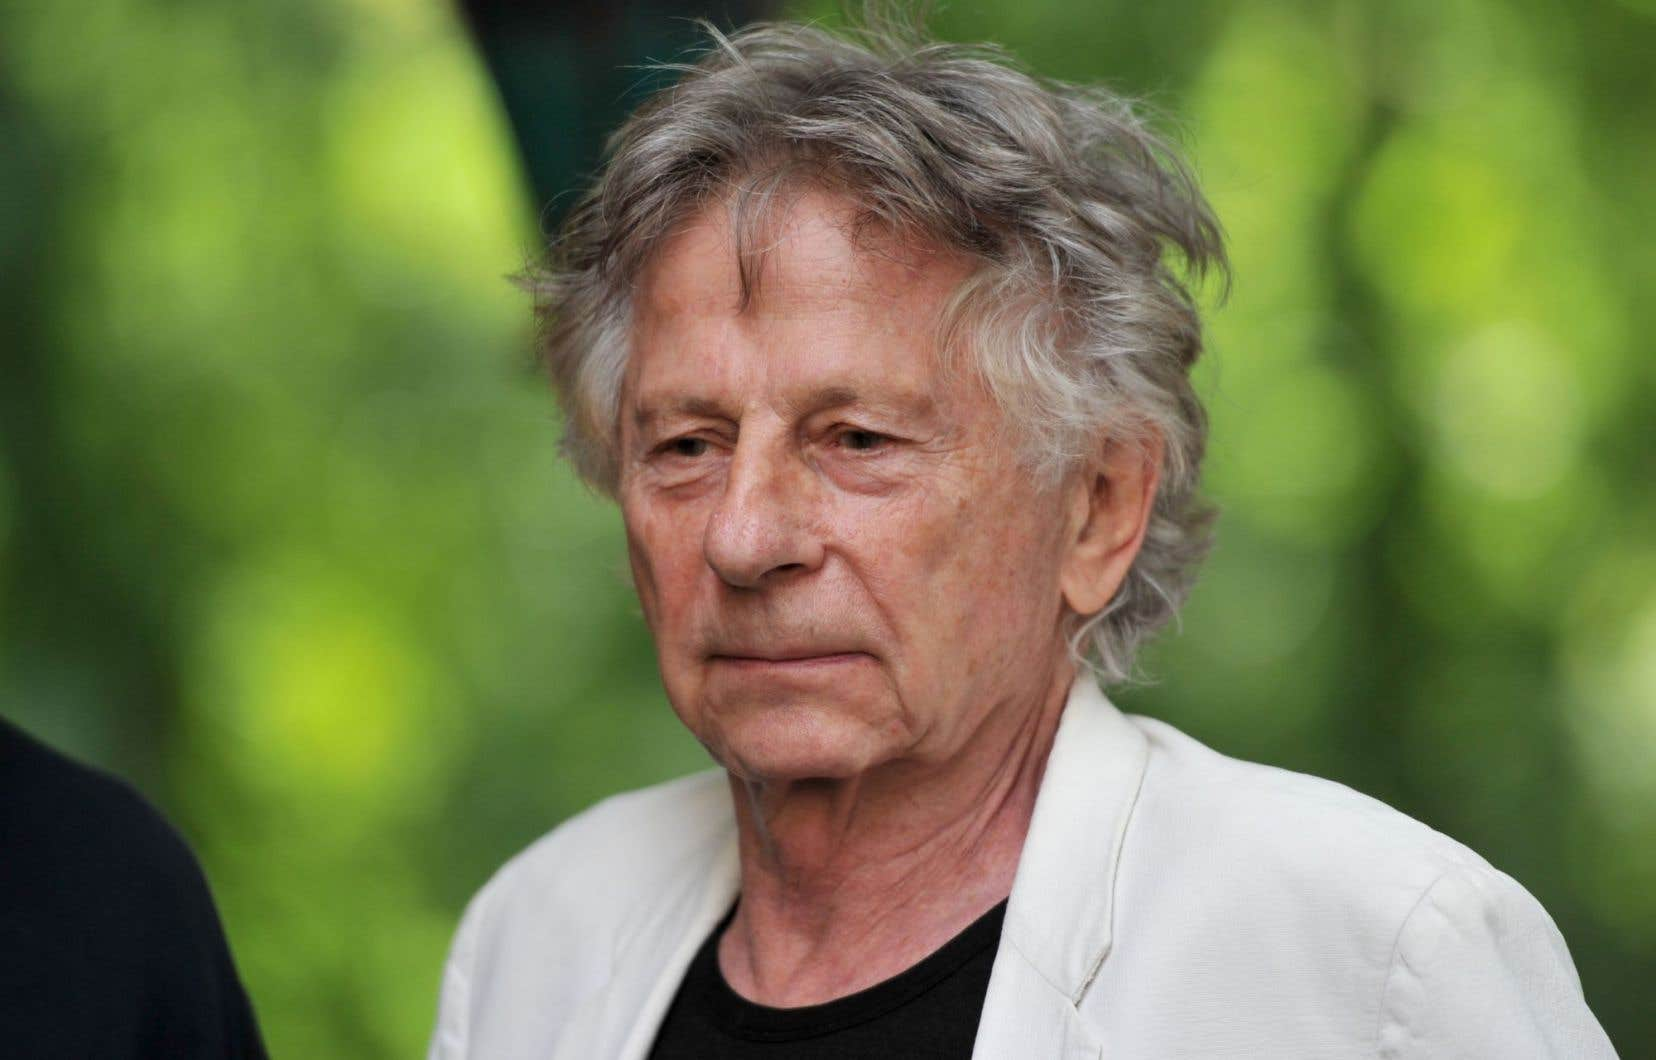 La décision maintient le statu quo: si Roman Polanski remet les pieds sur le sol américain, il pourra être arrêté, 42 ans après les faits.